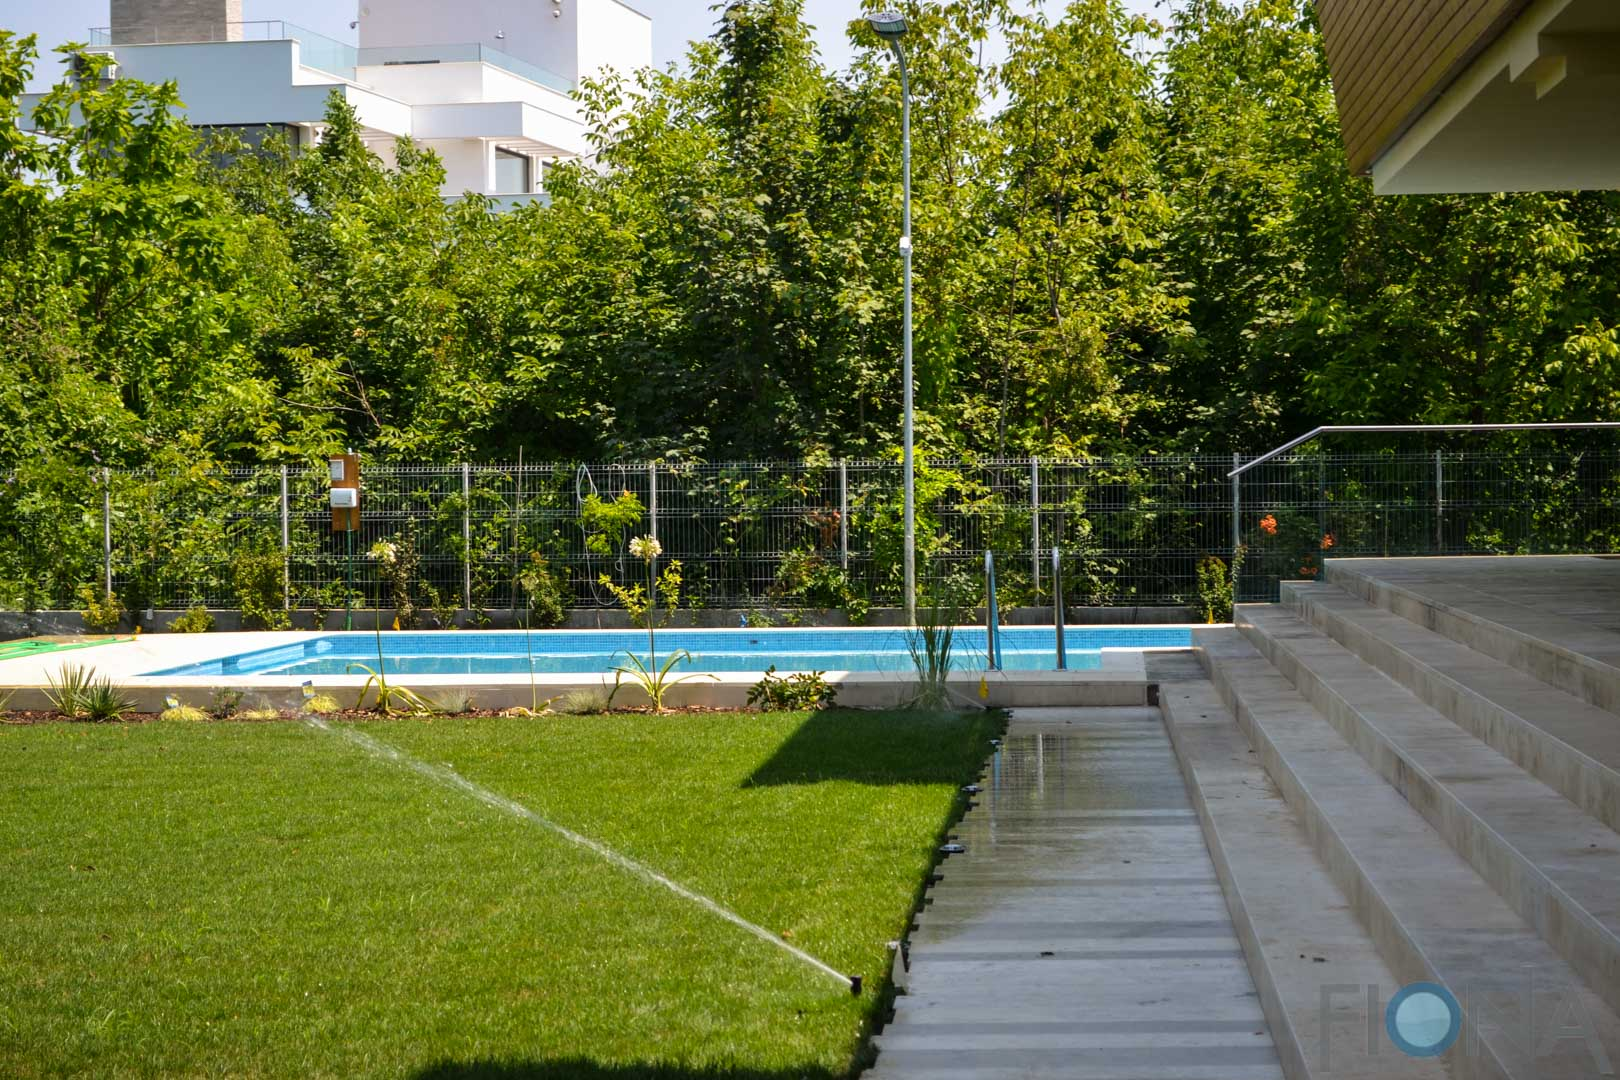 piscina-privata-skimmer1